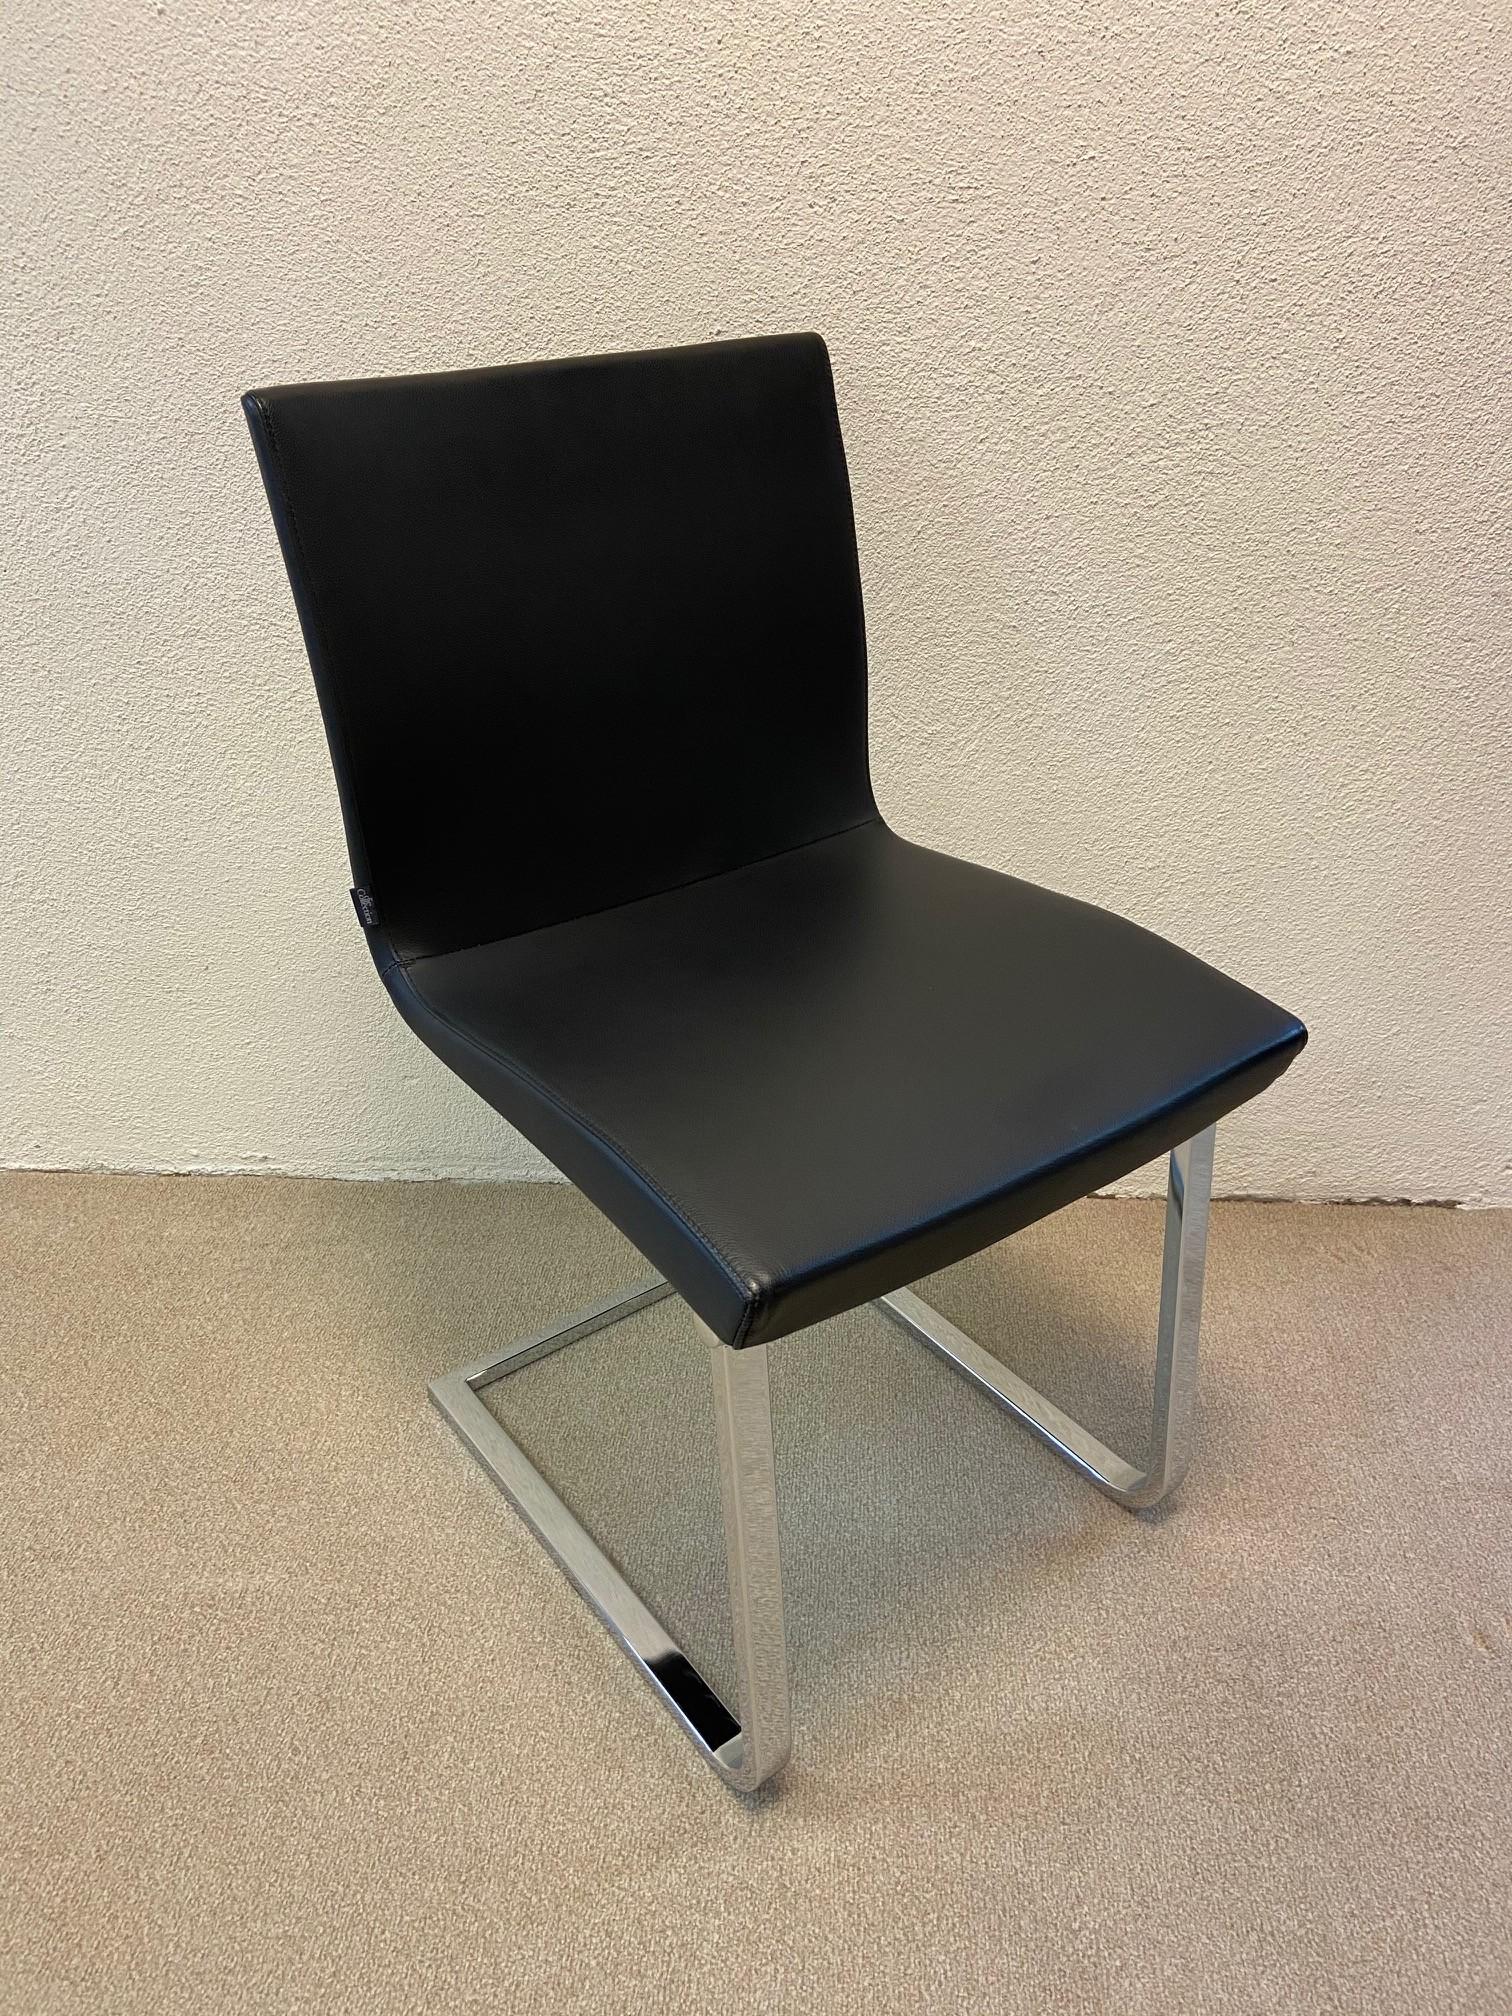 Stühle Charly von Bacher 04